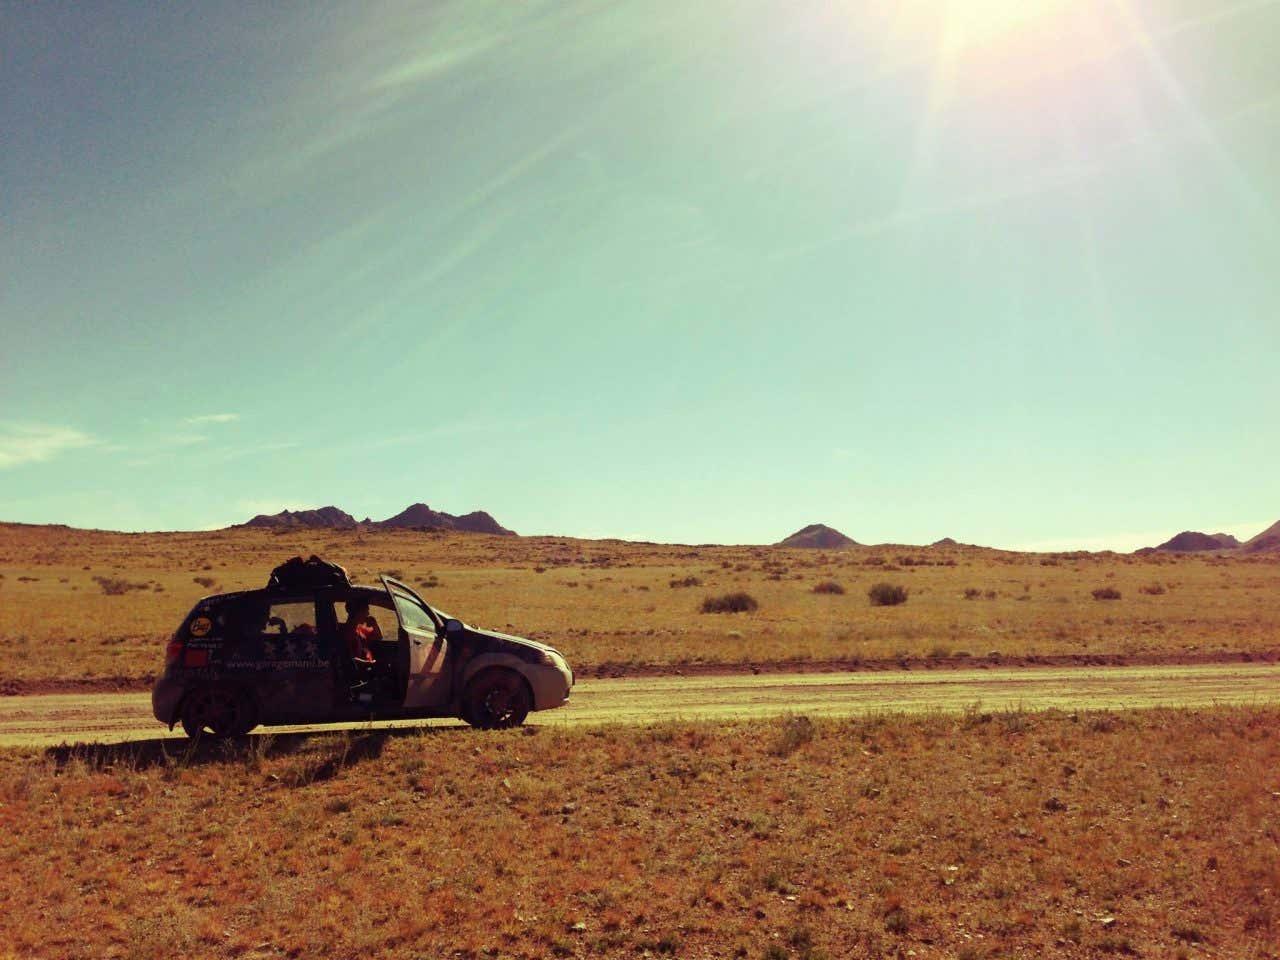 John Platt con el coche roto en el desierto de Gobi, Mongolia